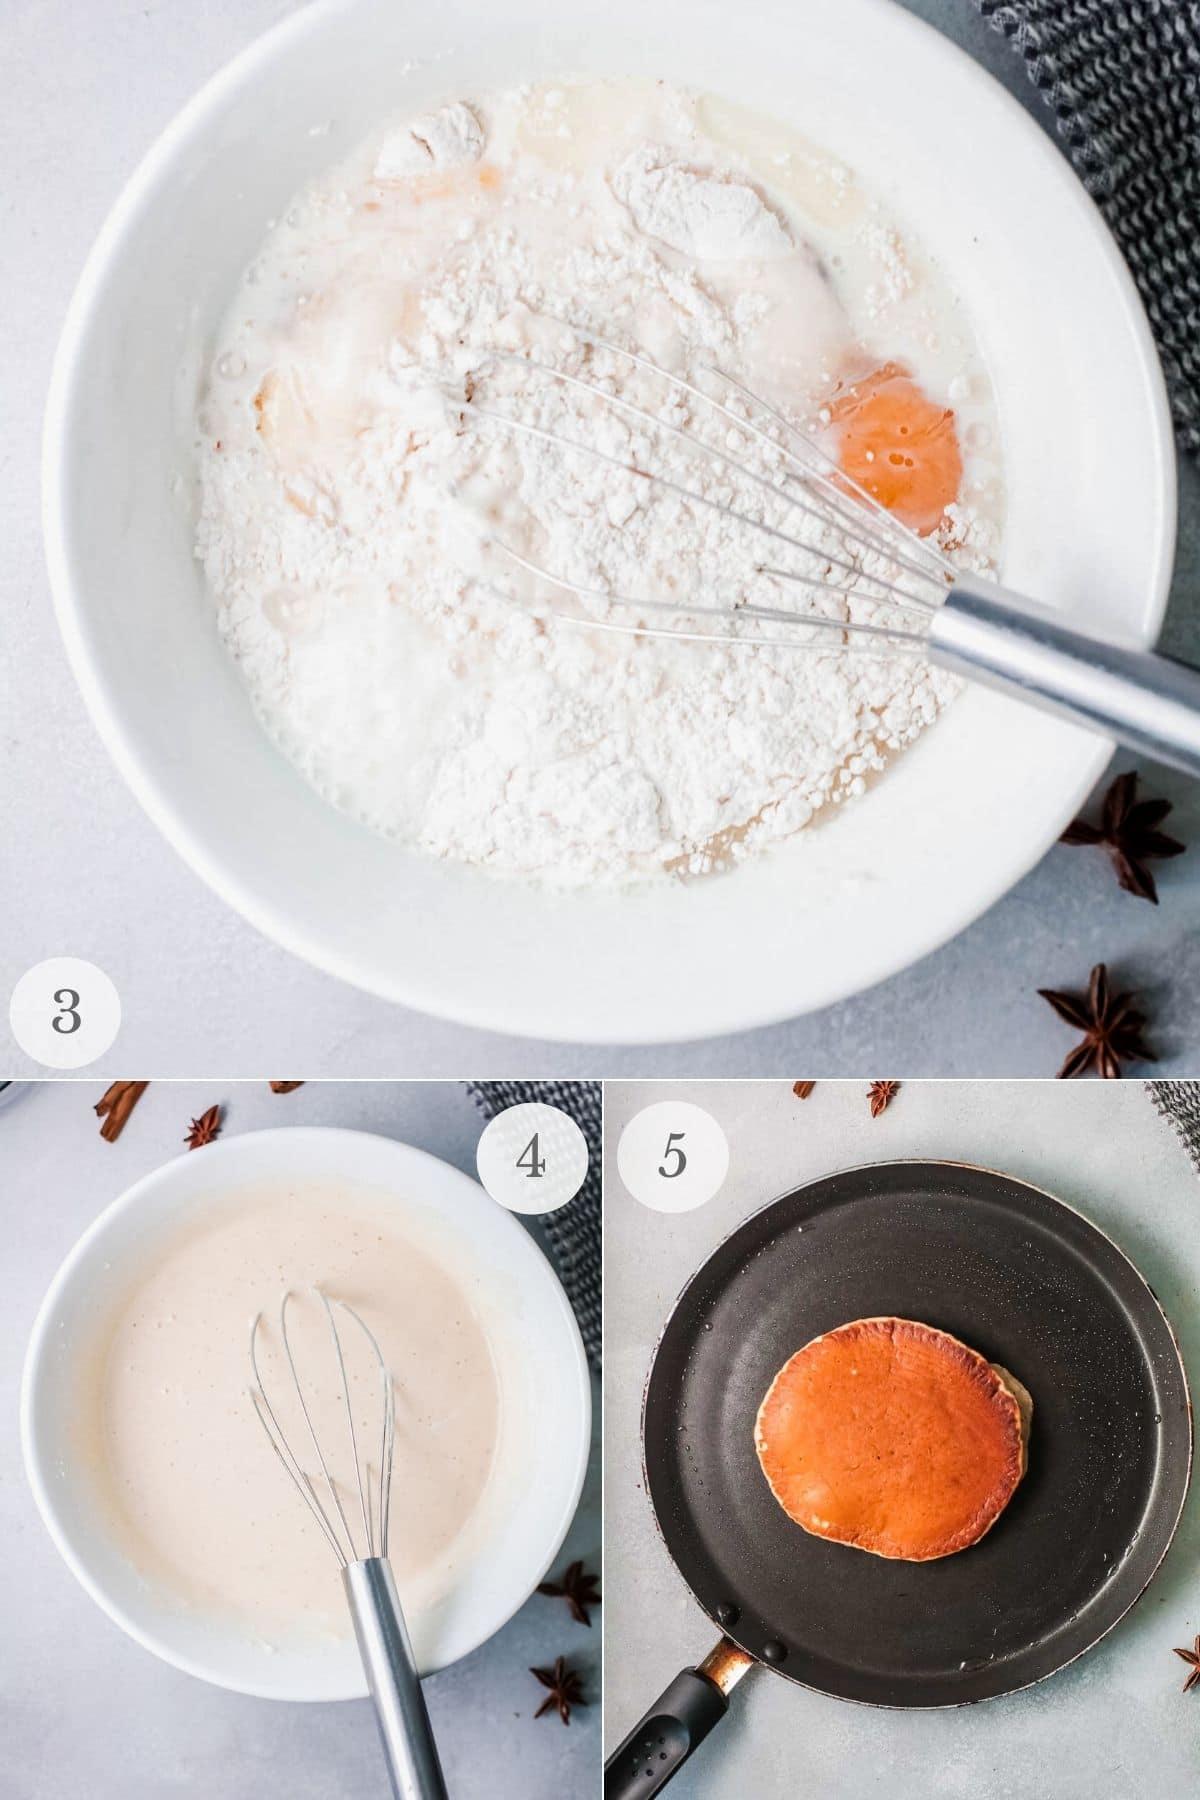 cinnamon pancakes recipe steps 3-5